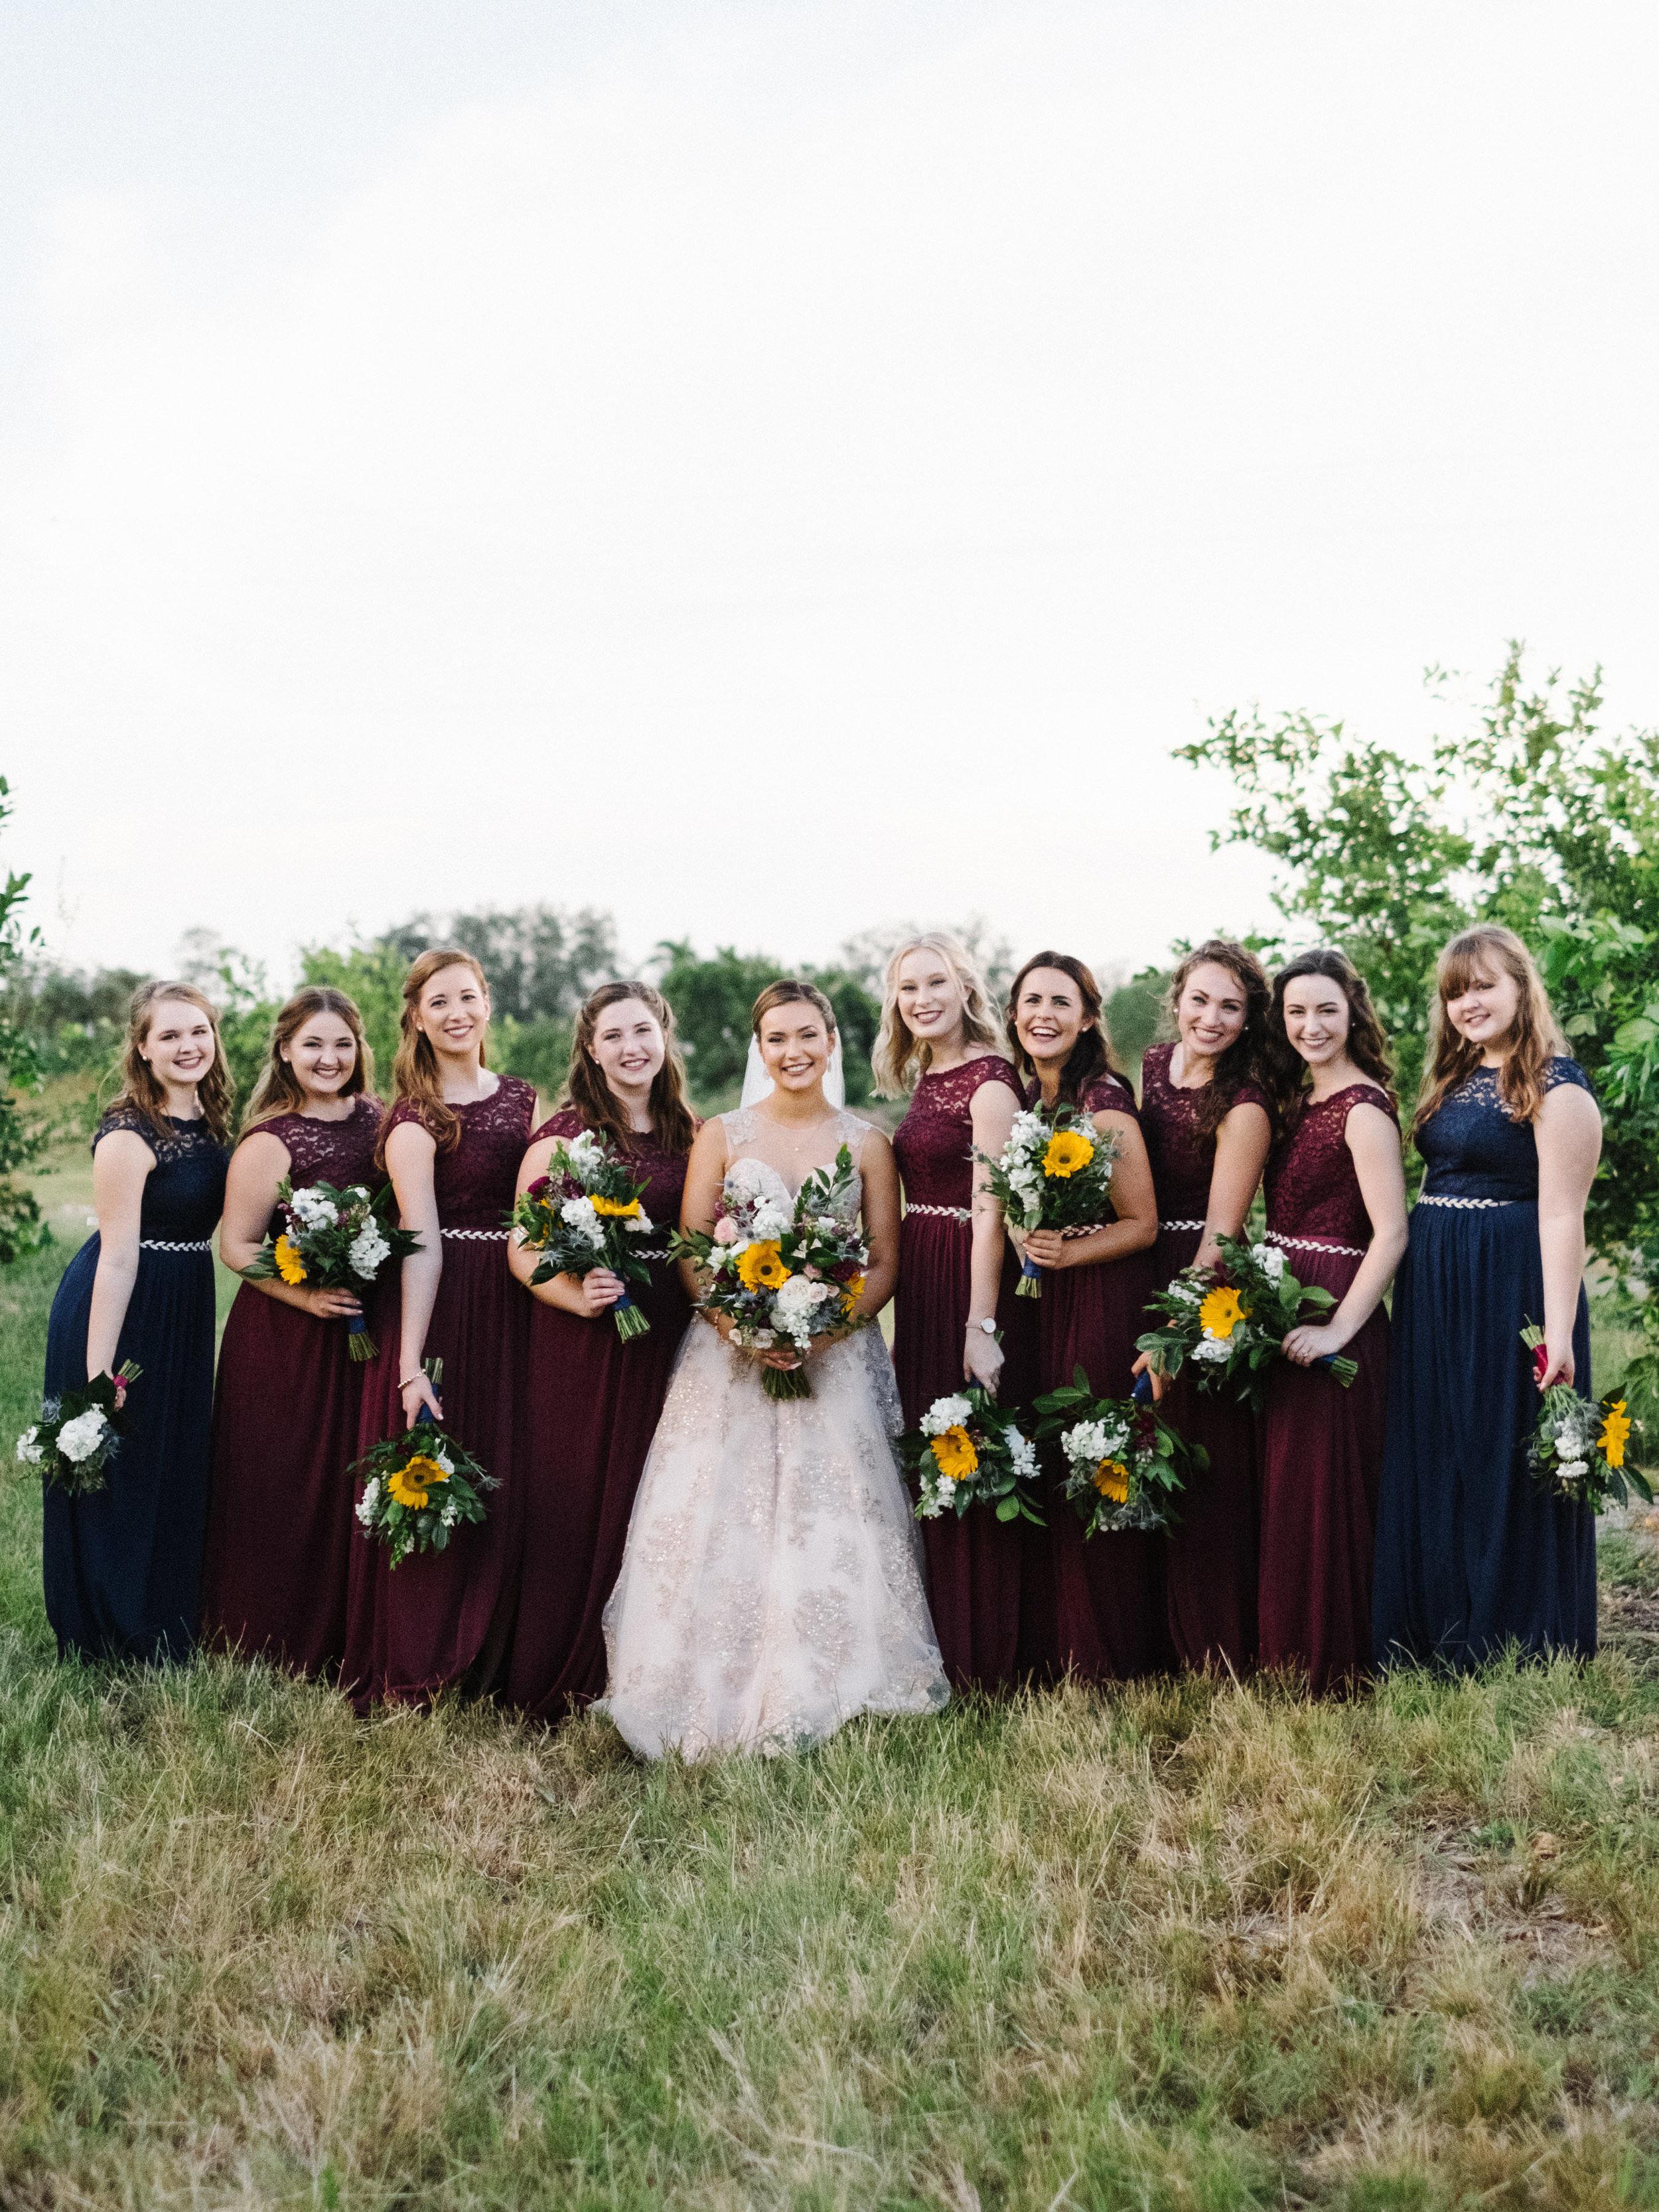 The Pavilion at Mixon Farms Wedding | Benjamin Hewitt Photography | Sarasota, Florida Wedding Photographer